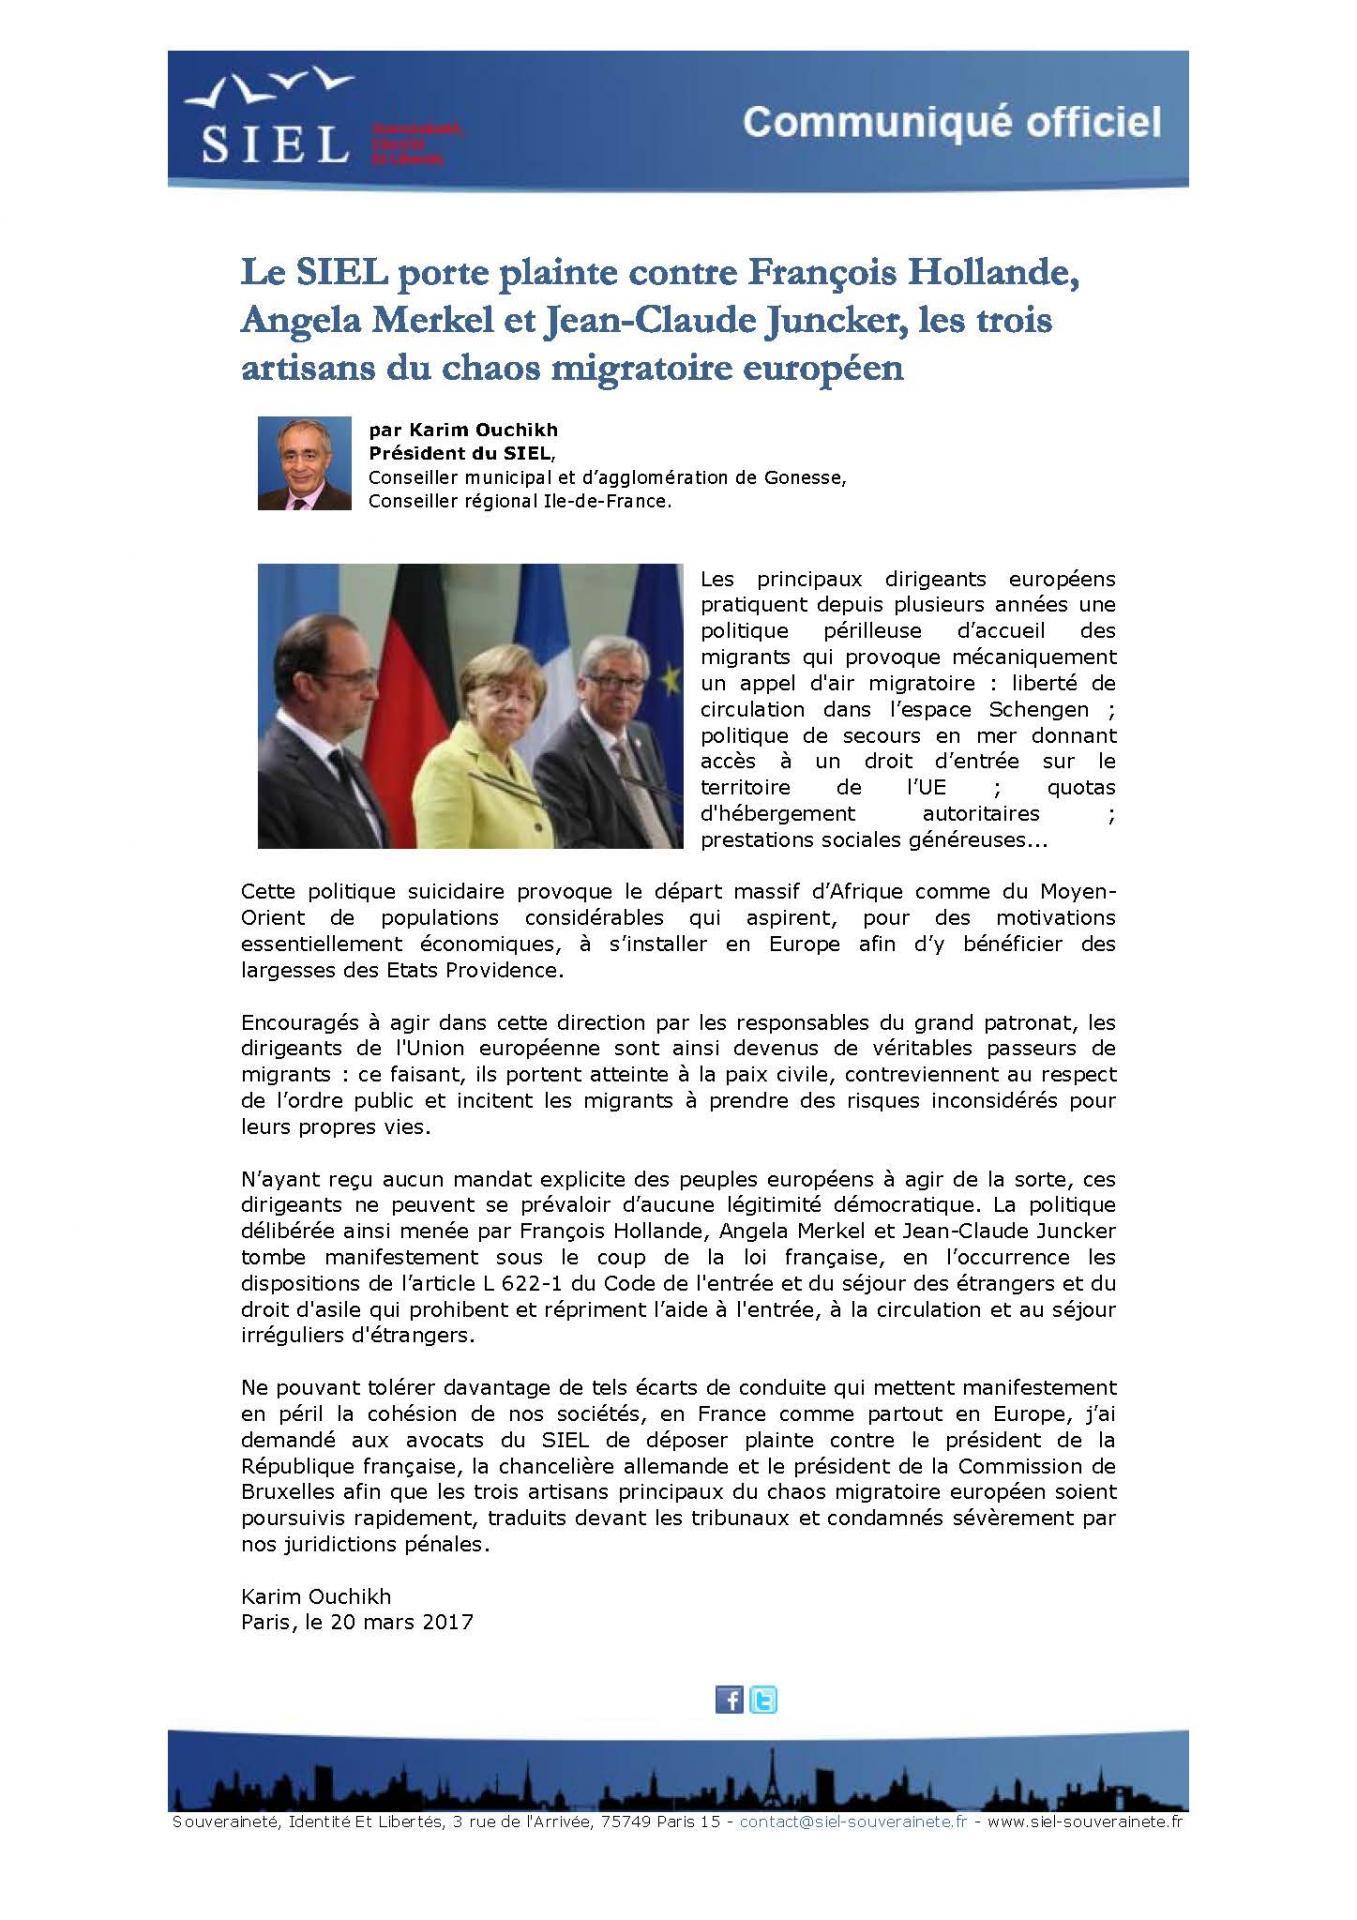 Siel souverainete identite et libertes le siel porte plainte contre francois hollande angela merkel et jean claude juncker les trois artisans du chaos migratoire europeen